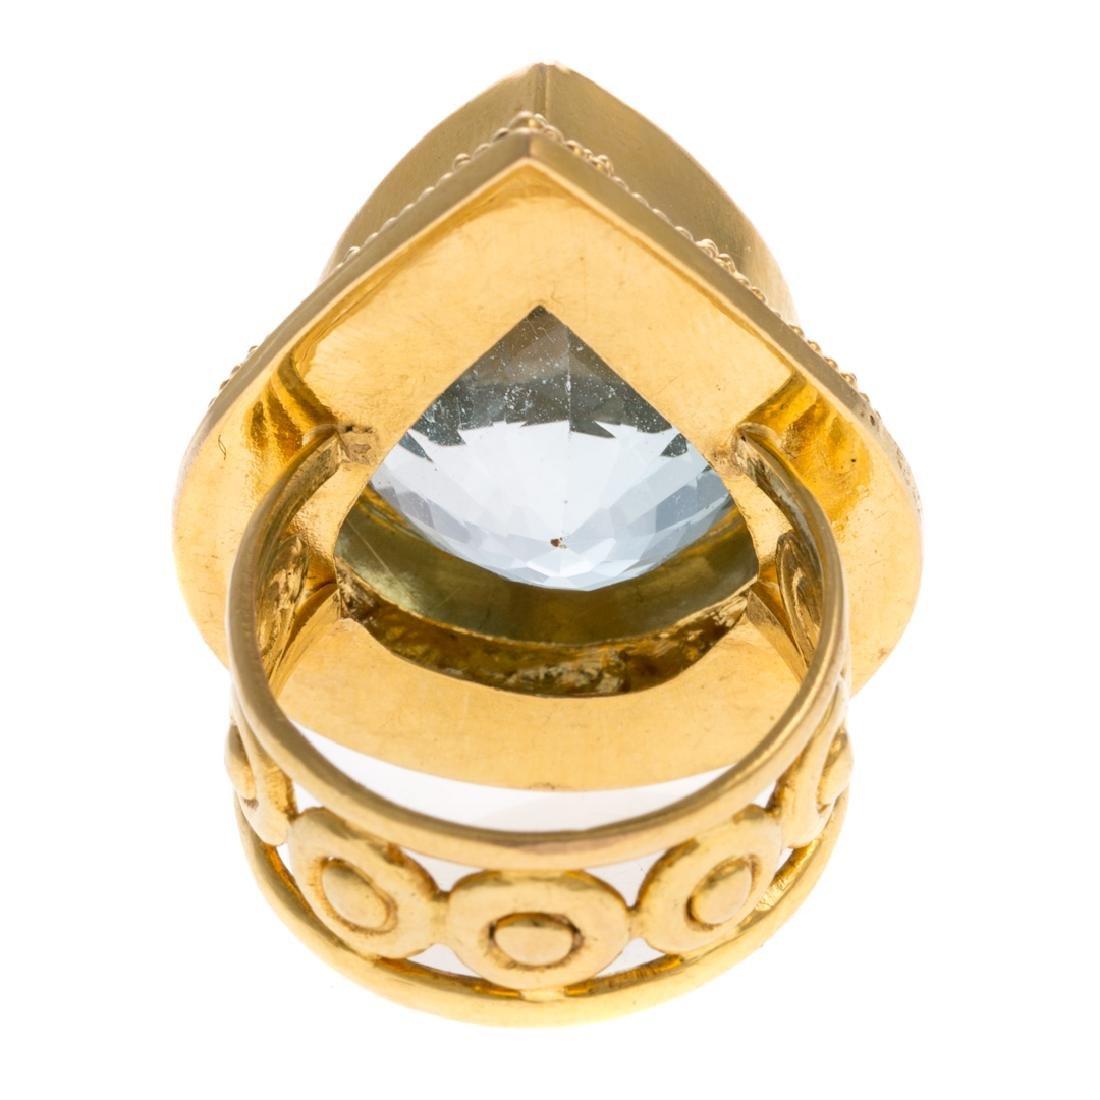 A Lady's Statement 22K Blue Topaz Ring - 4